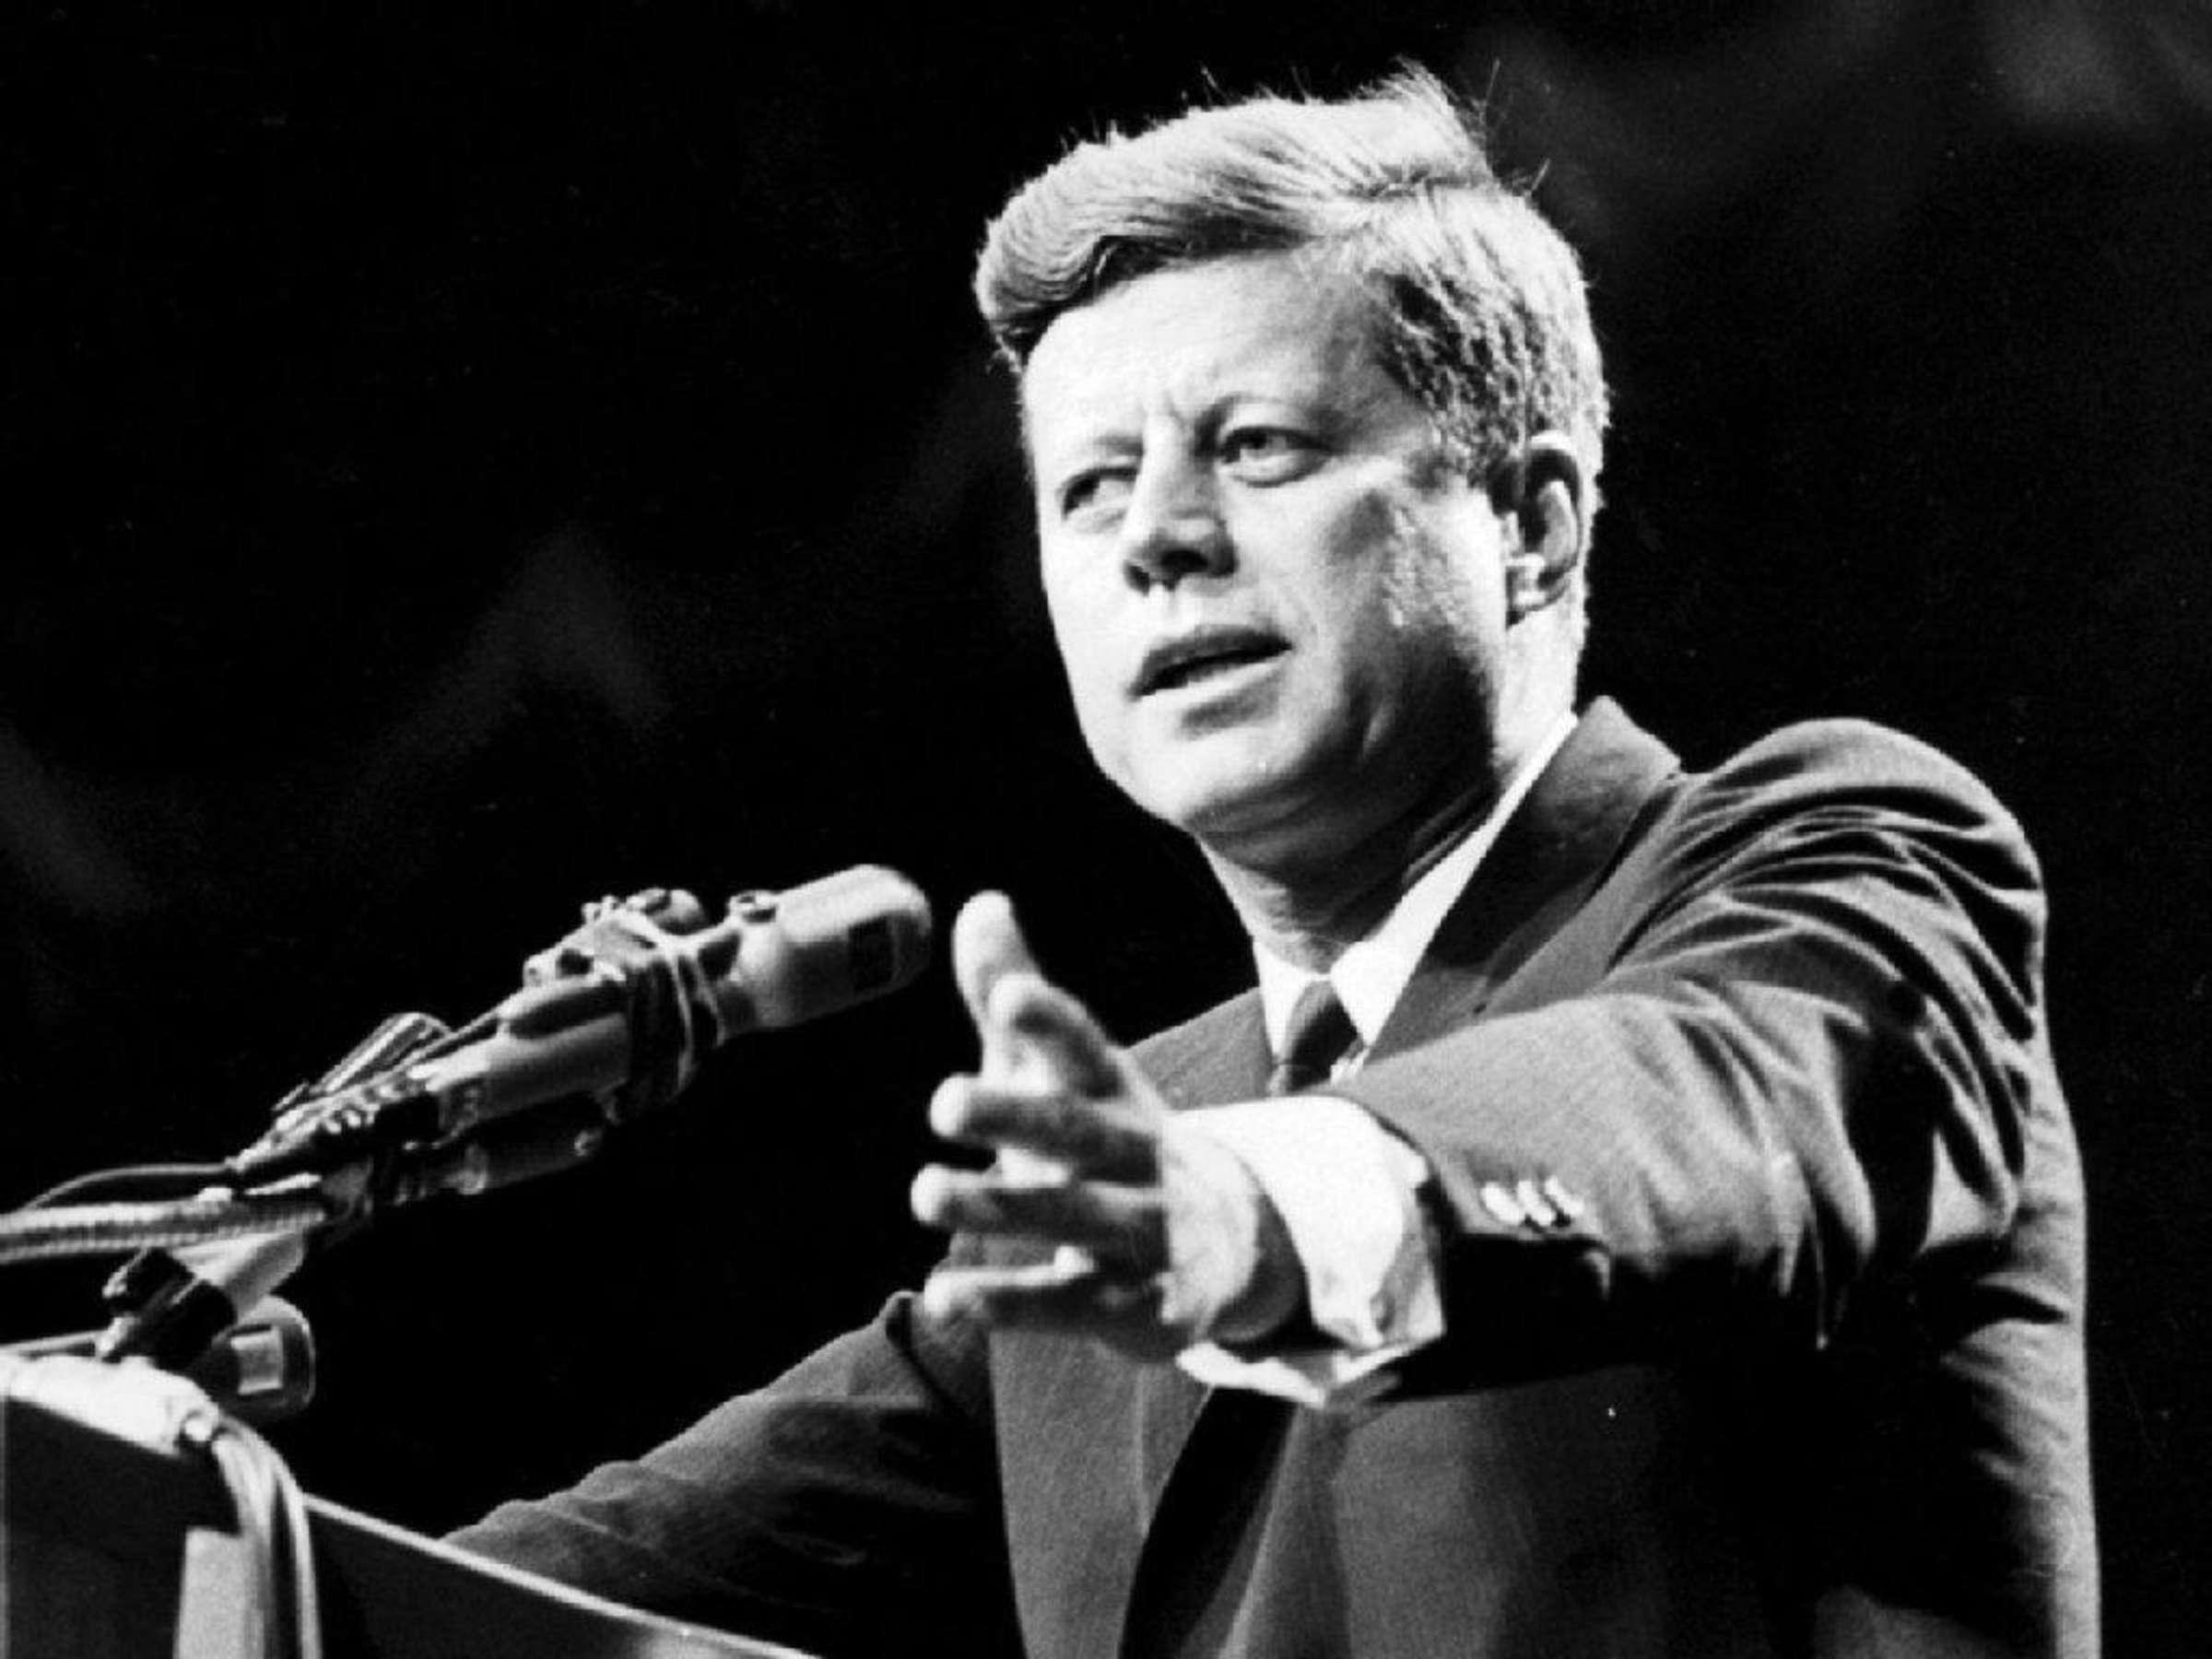 Las mafias cubana y de Chicago detrás de la muerte de Kennedy